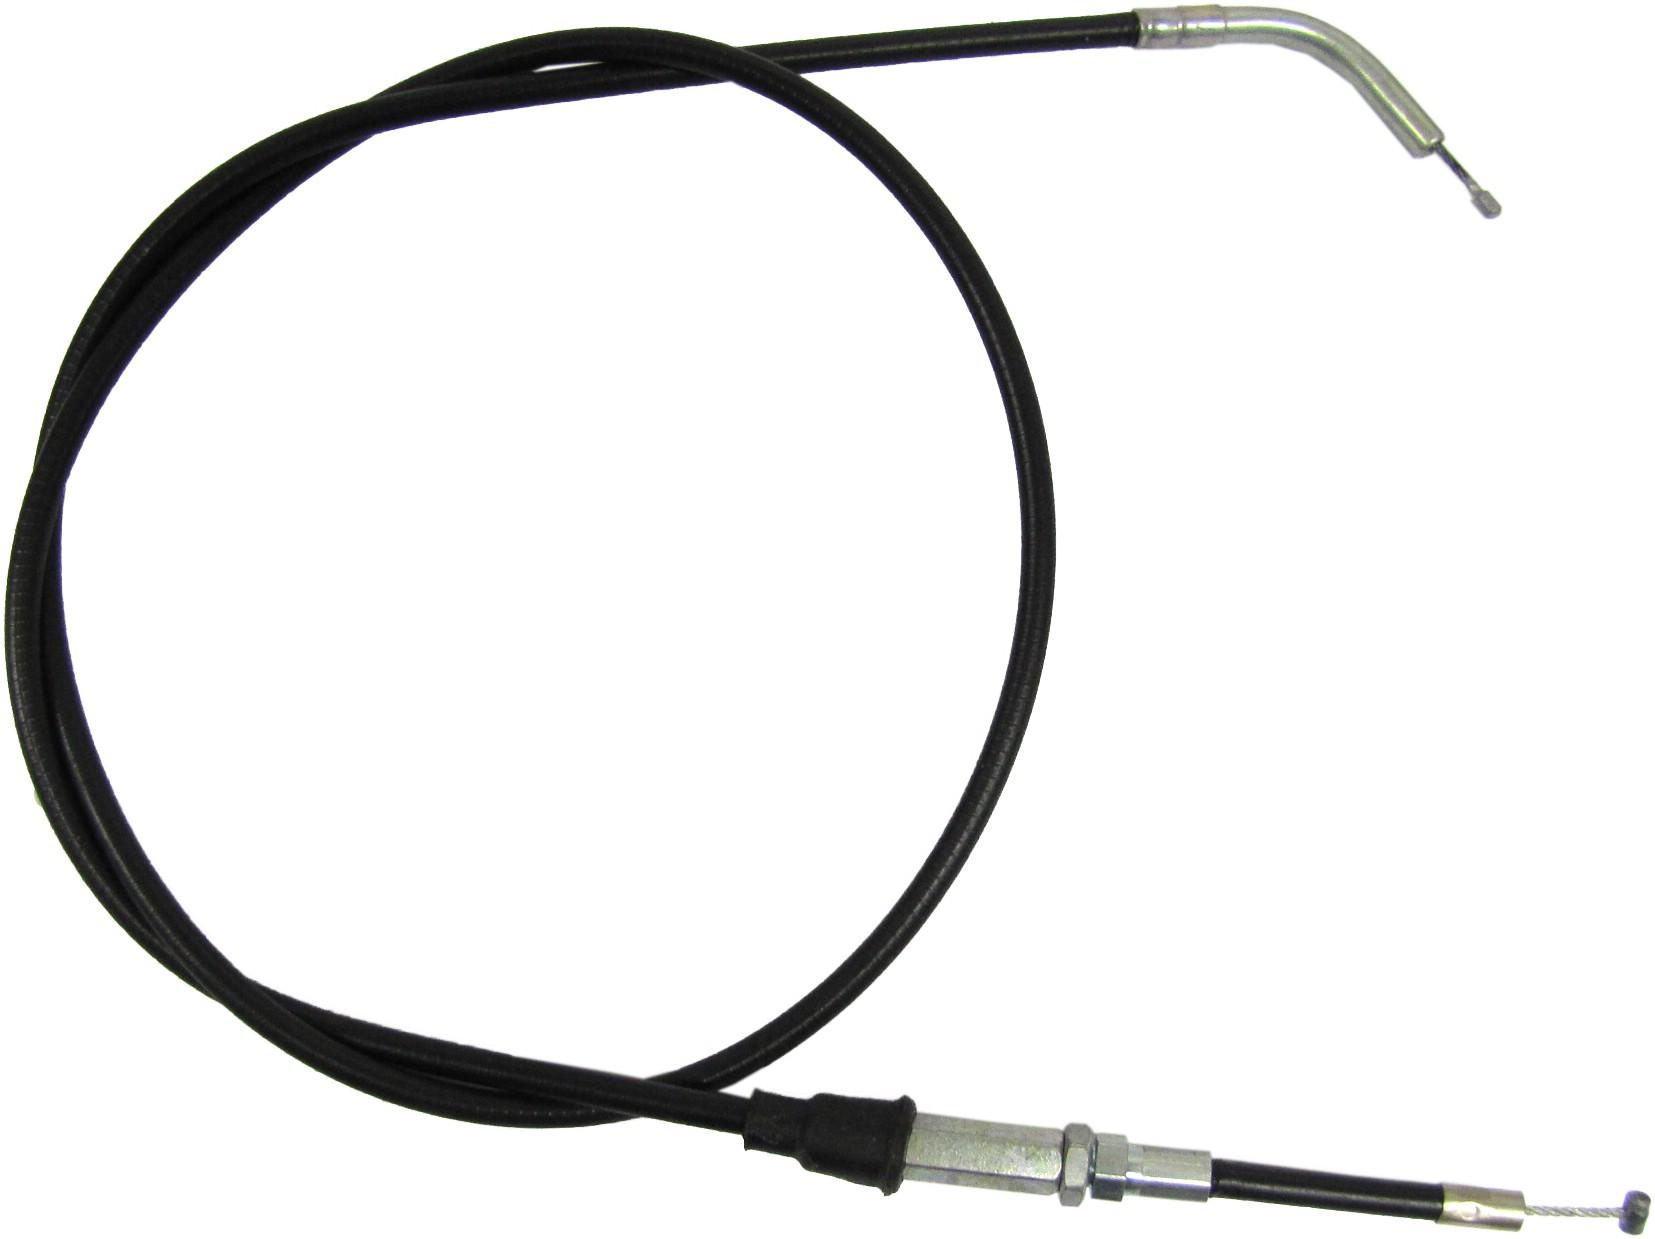 54017-1077 Each Choke Cable Kawasaki KMX125 86-02,KMX200 88-91